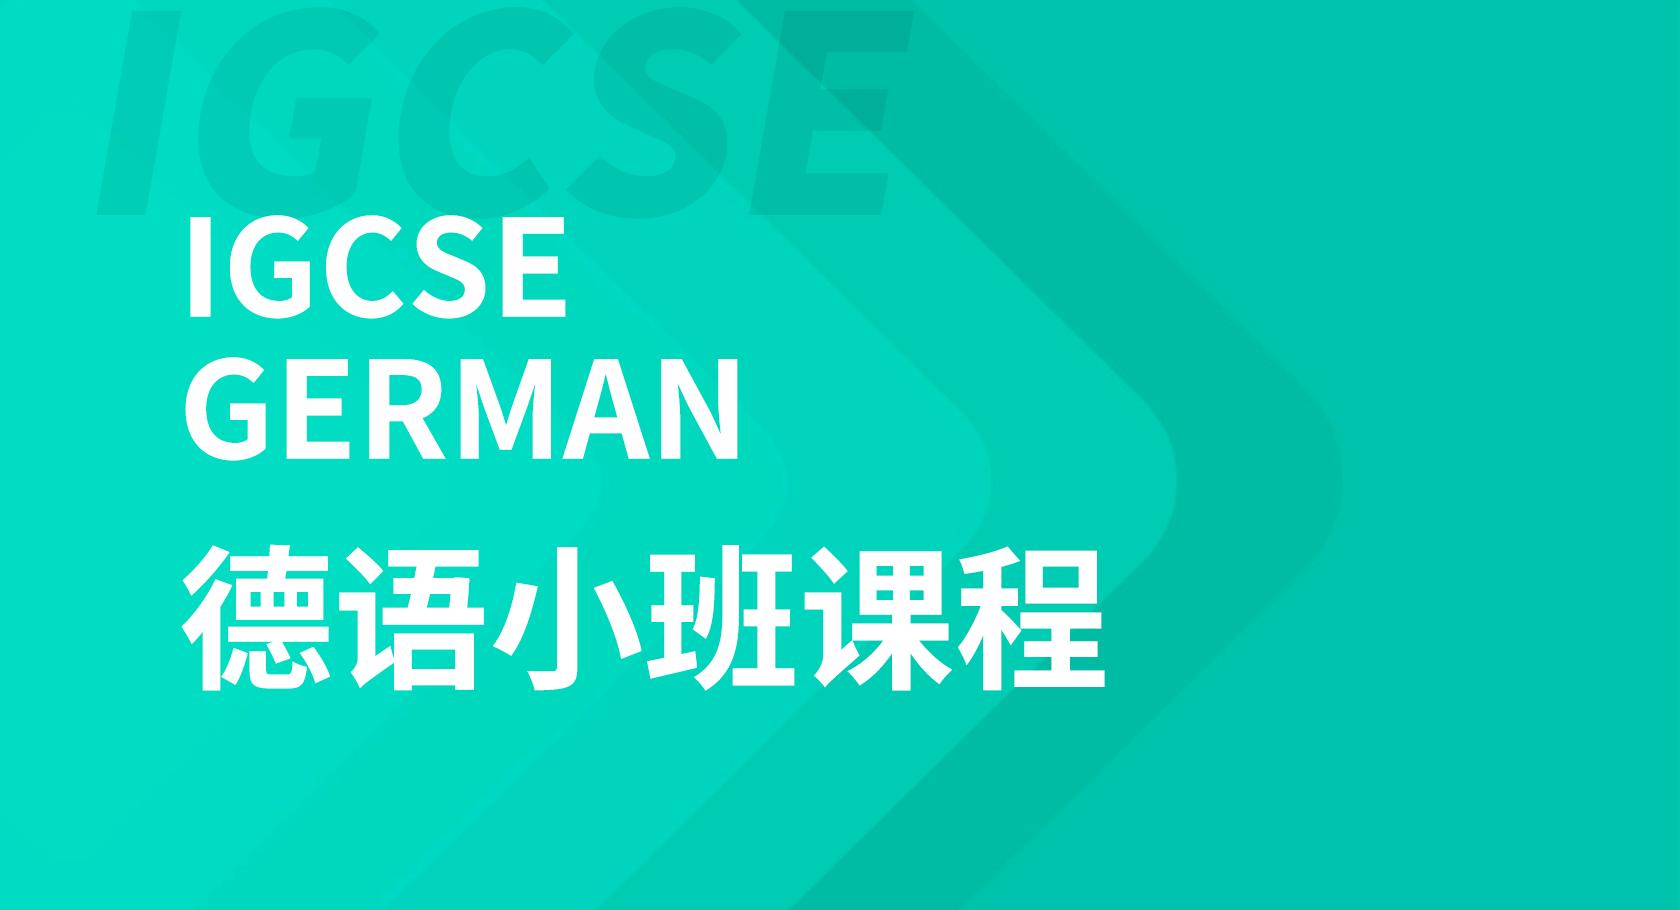 IGCSE德语小班课程